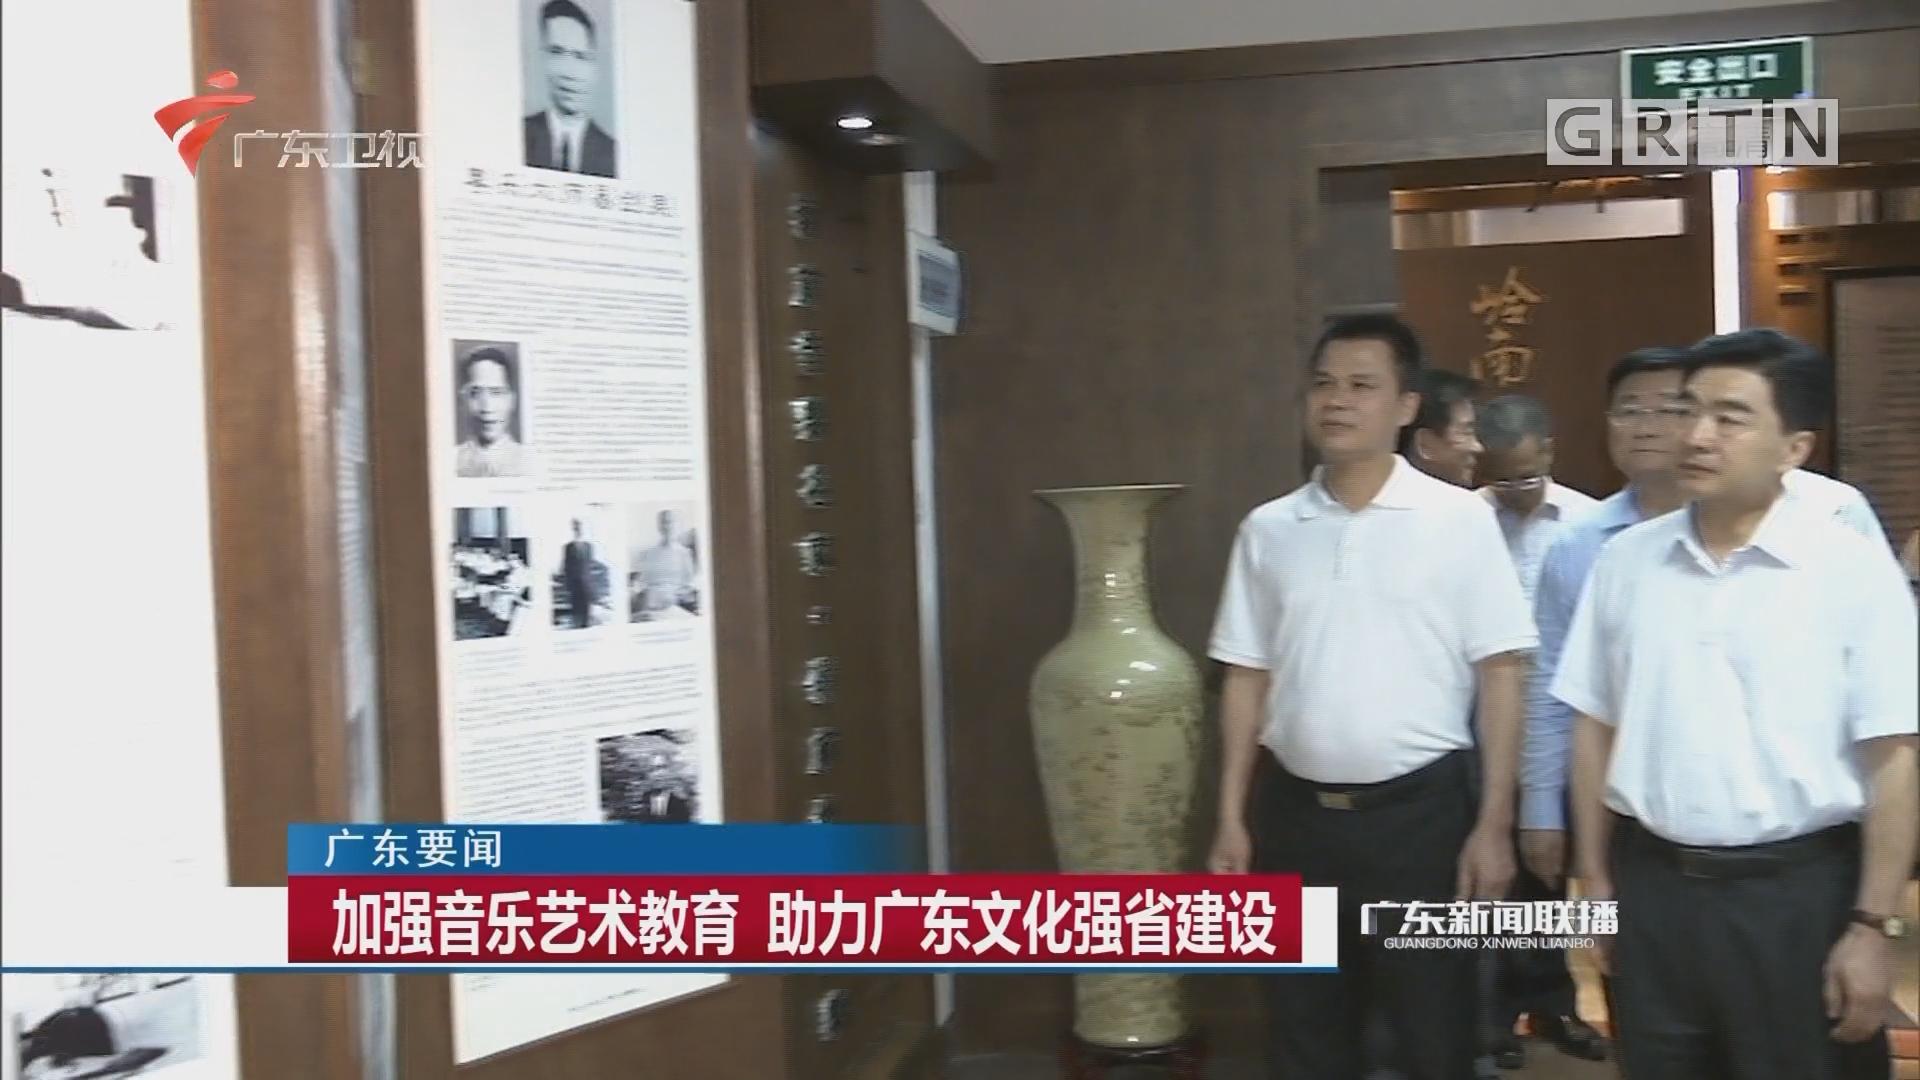 加强音乐艺术教育 助力广东文化强省建设